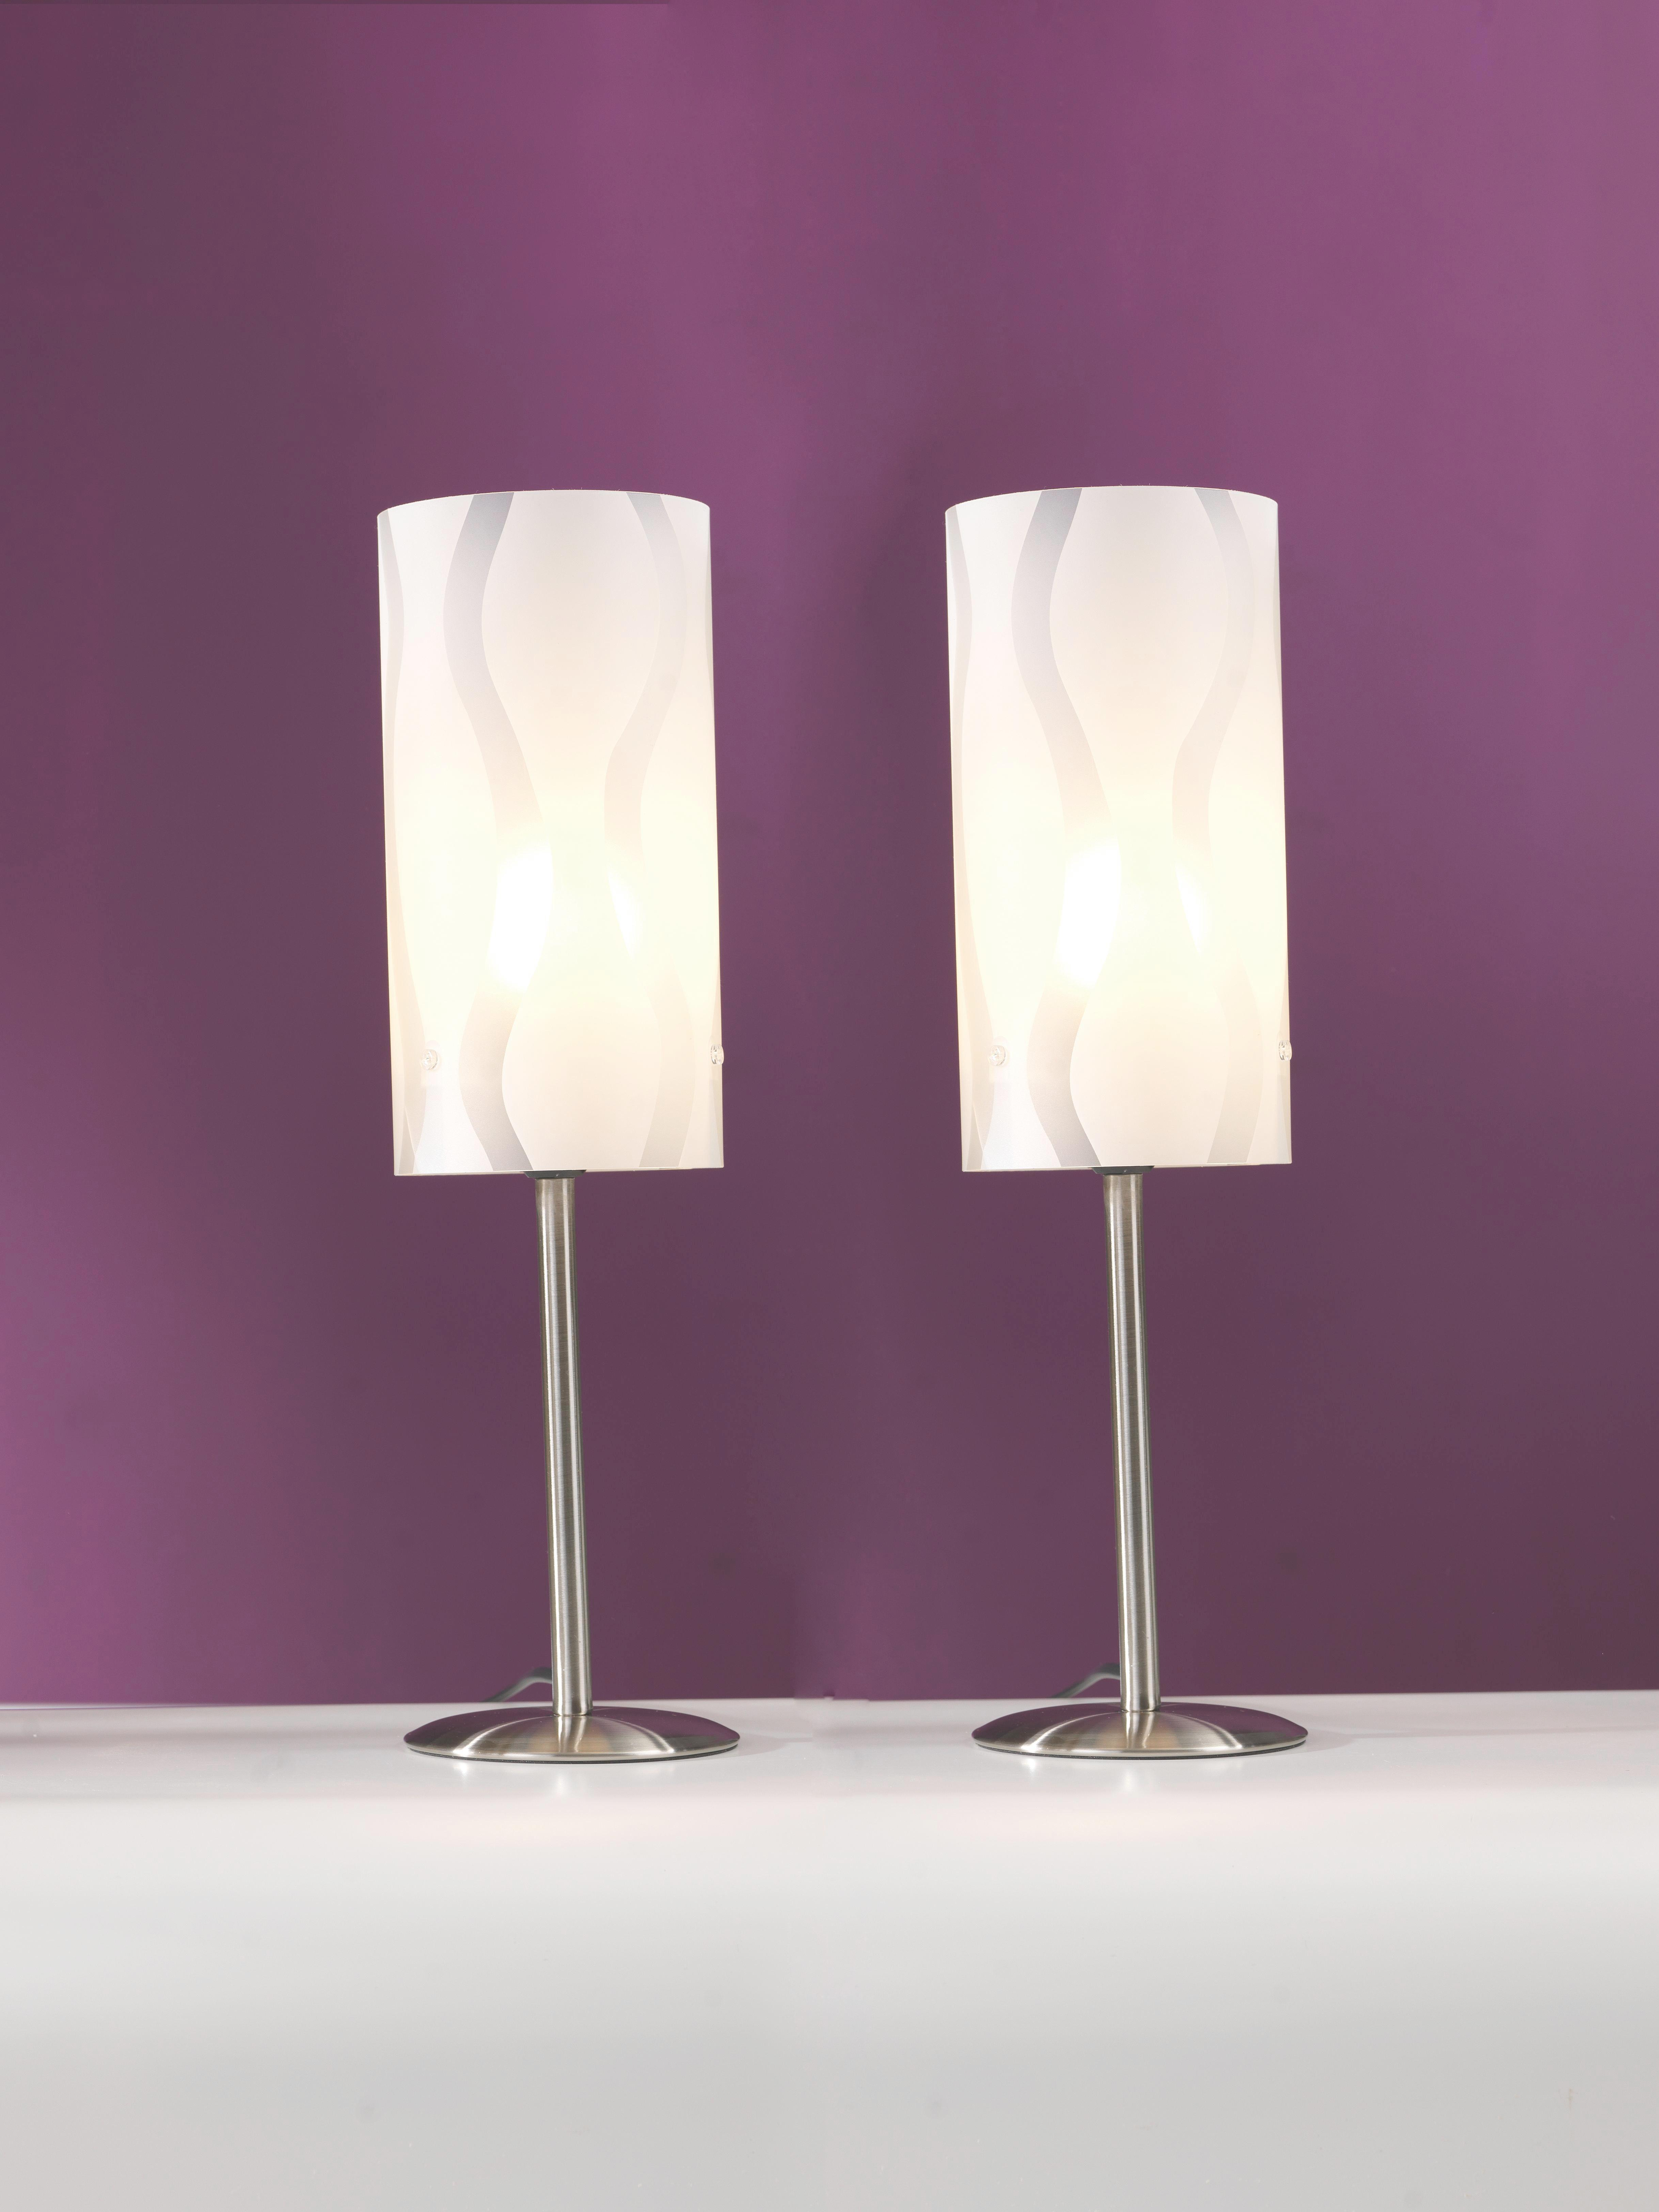 Tischleuchte Hannah, max. 40 Watt - Silberfarben/Weiß, KONVENTIONELL, Kunststoff/Metall (12/41cm) - MÖMAX modern living